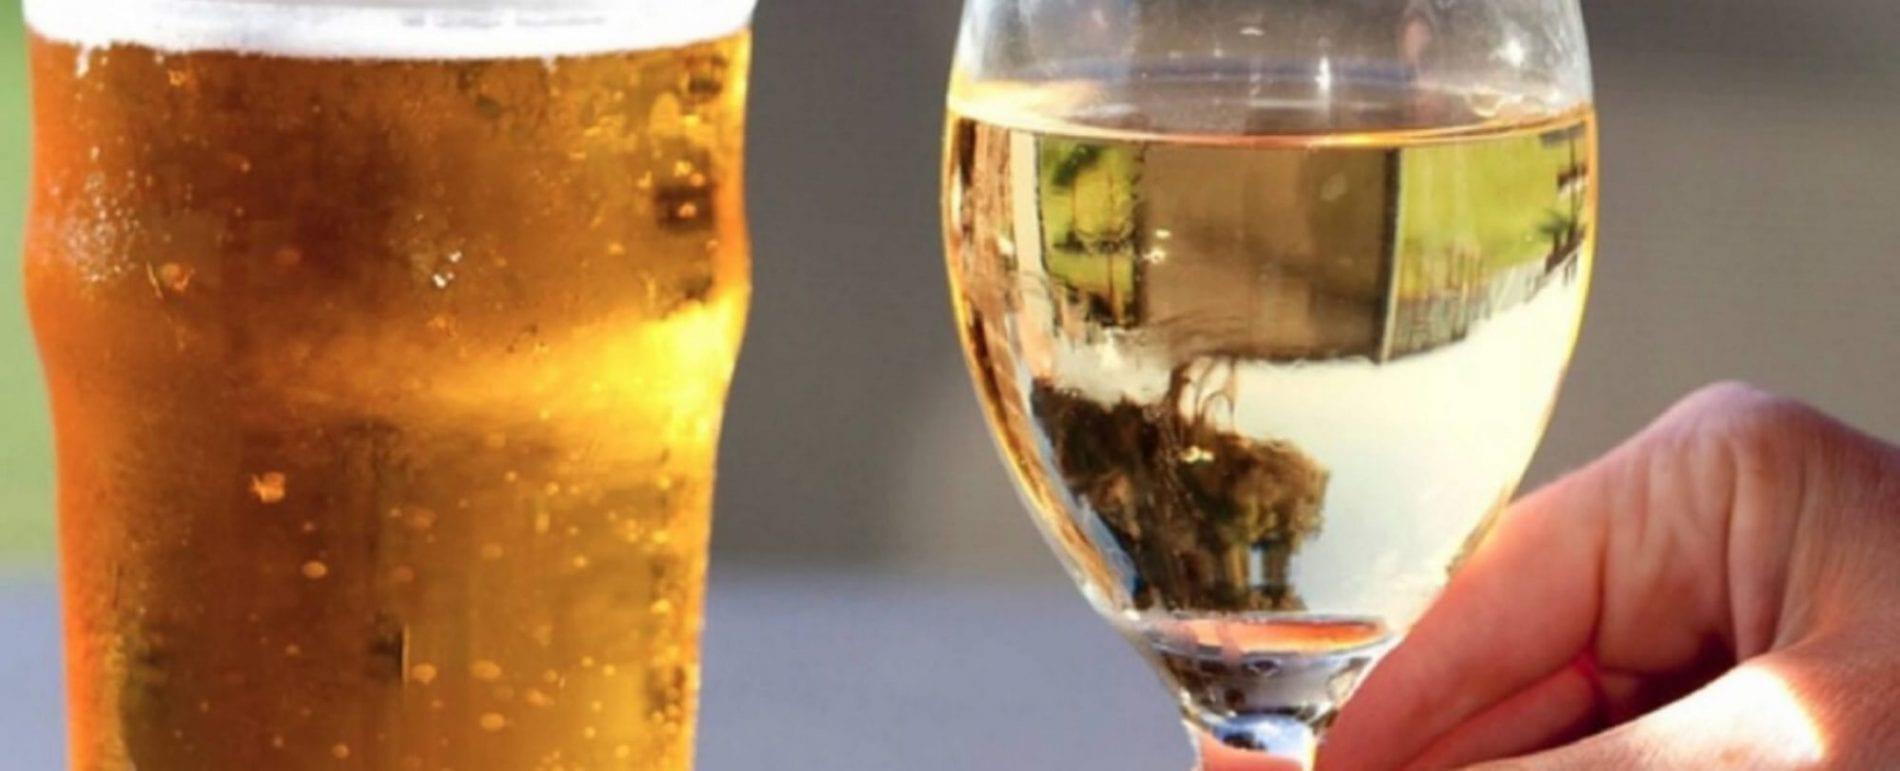 Beer Wine Tasting 1500x609@2x Scaled